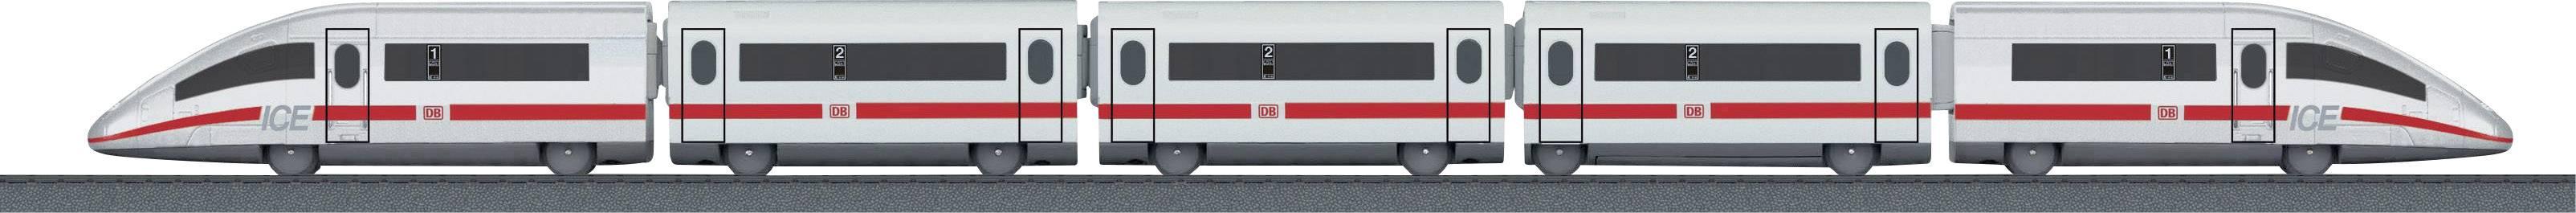 H0 motorový vůz, model Märklin 29330